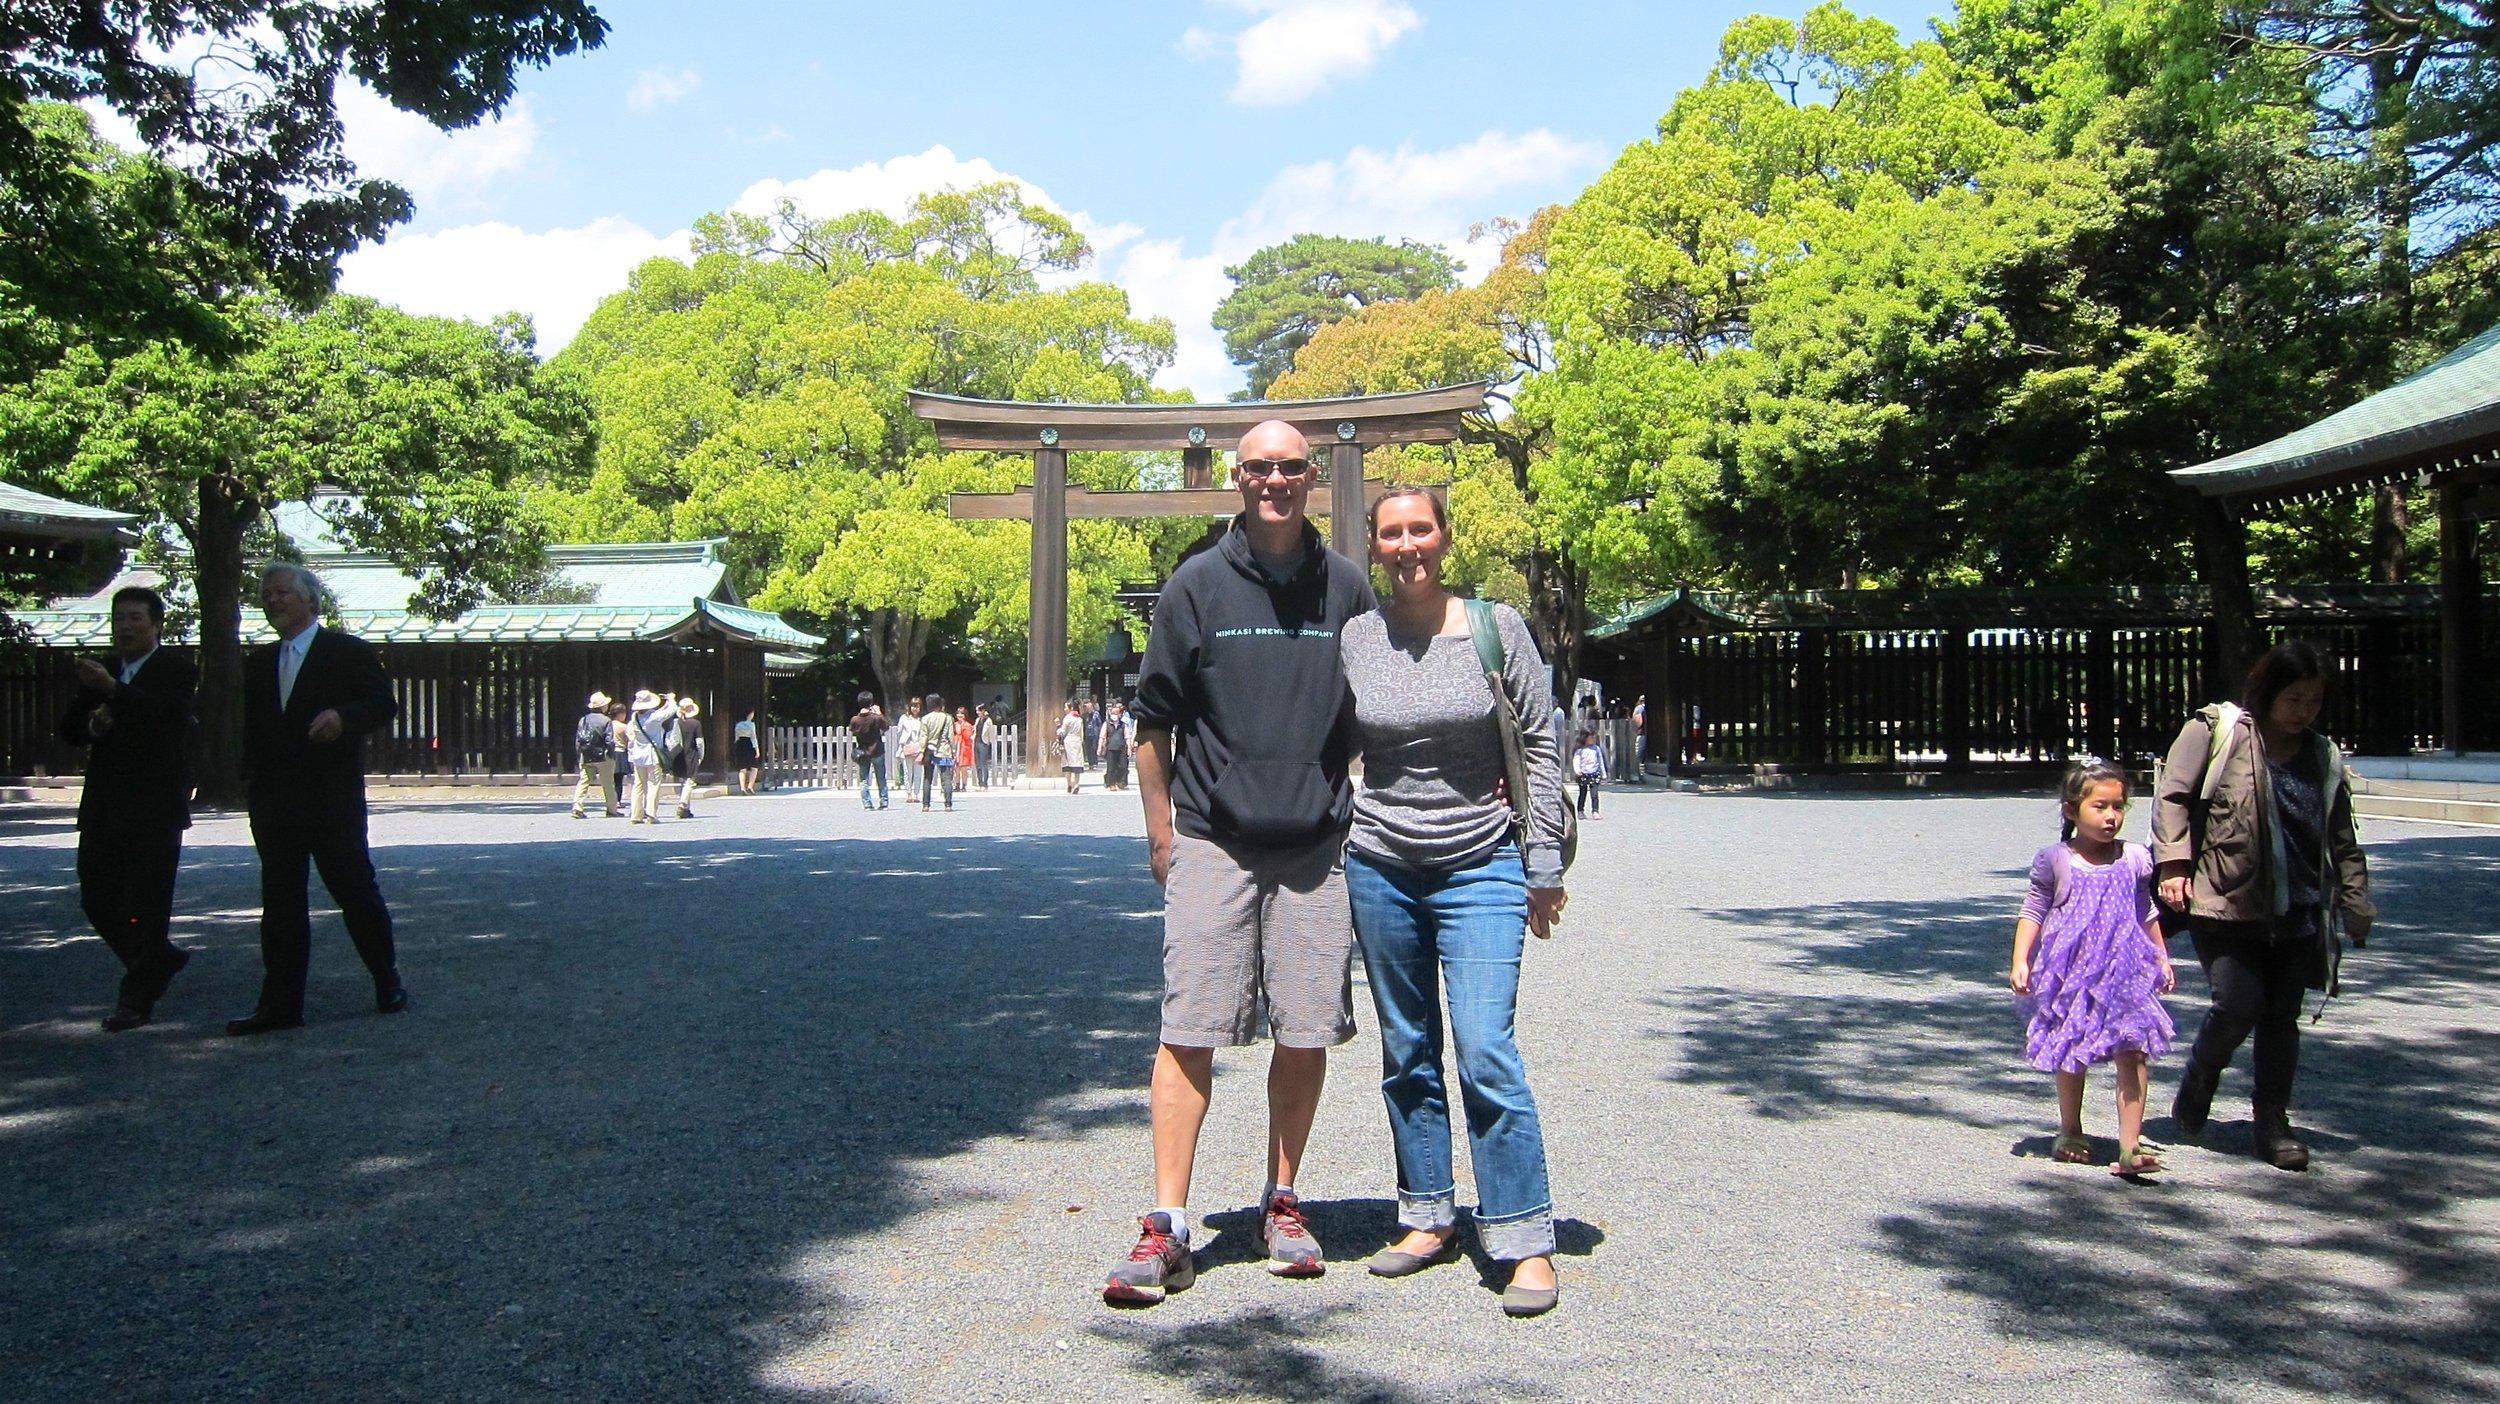 Outside the Meiji Shrine.